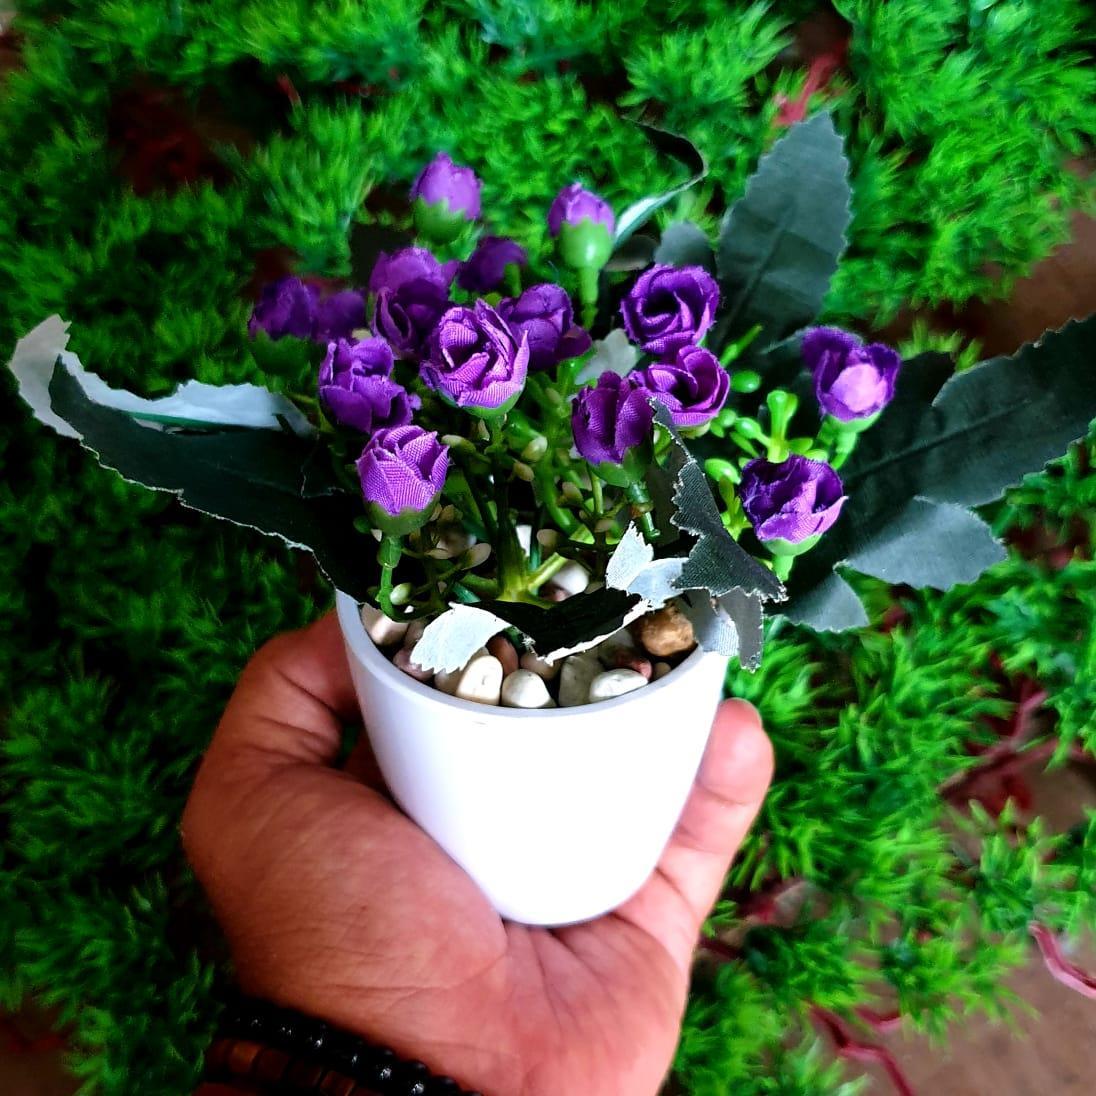 Bunga Rose Mini - Bunga Pajangan - Bunga Hias Plastik - Bunga Tanaman  artifisial Pot Bulat 160e1477e3